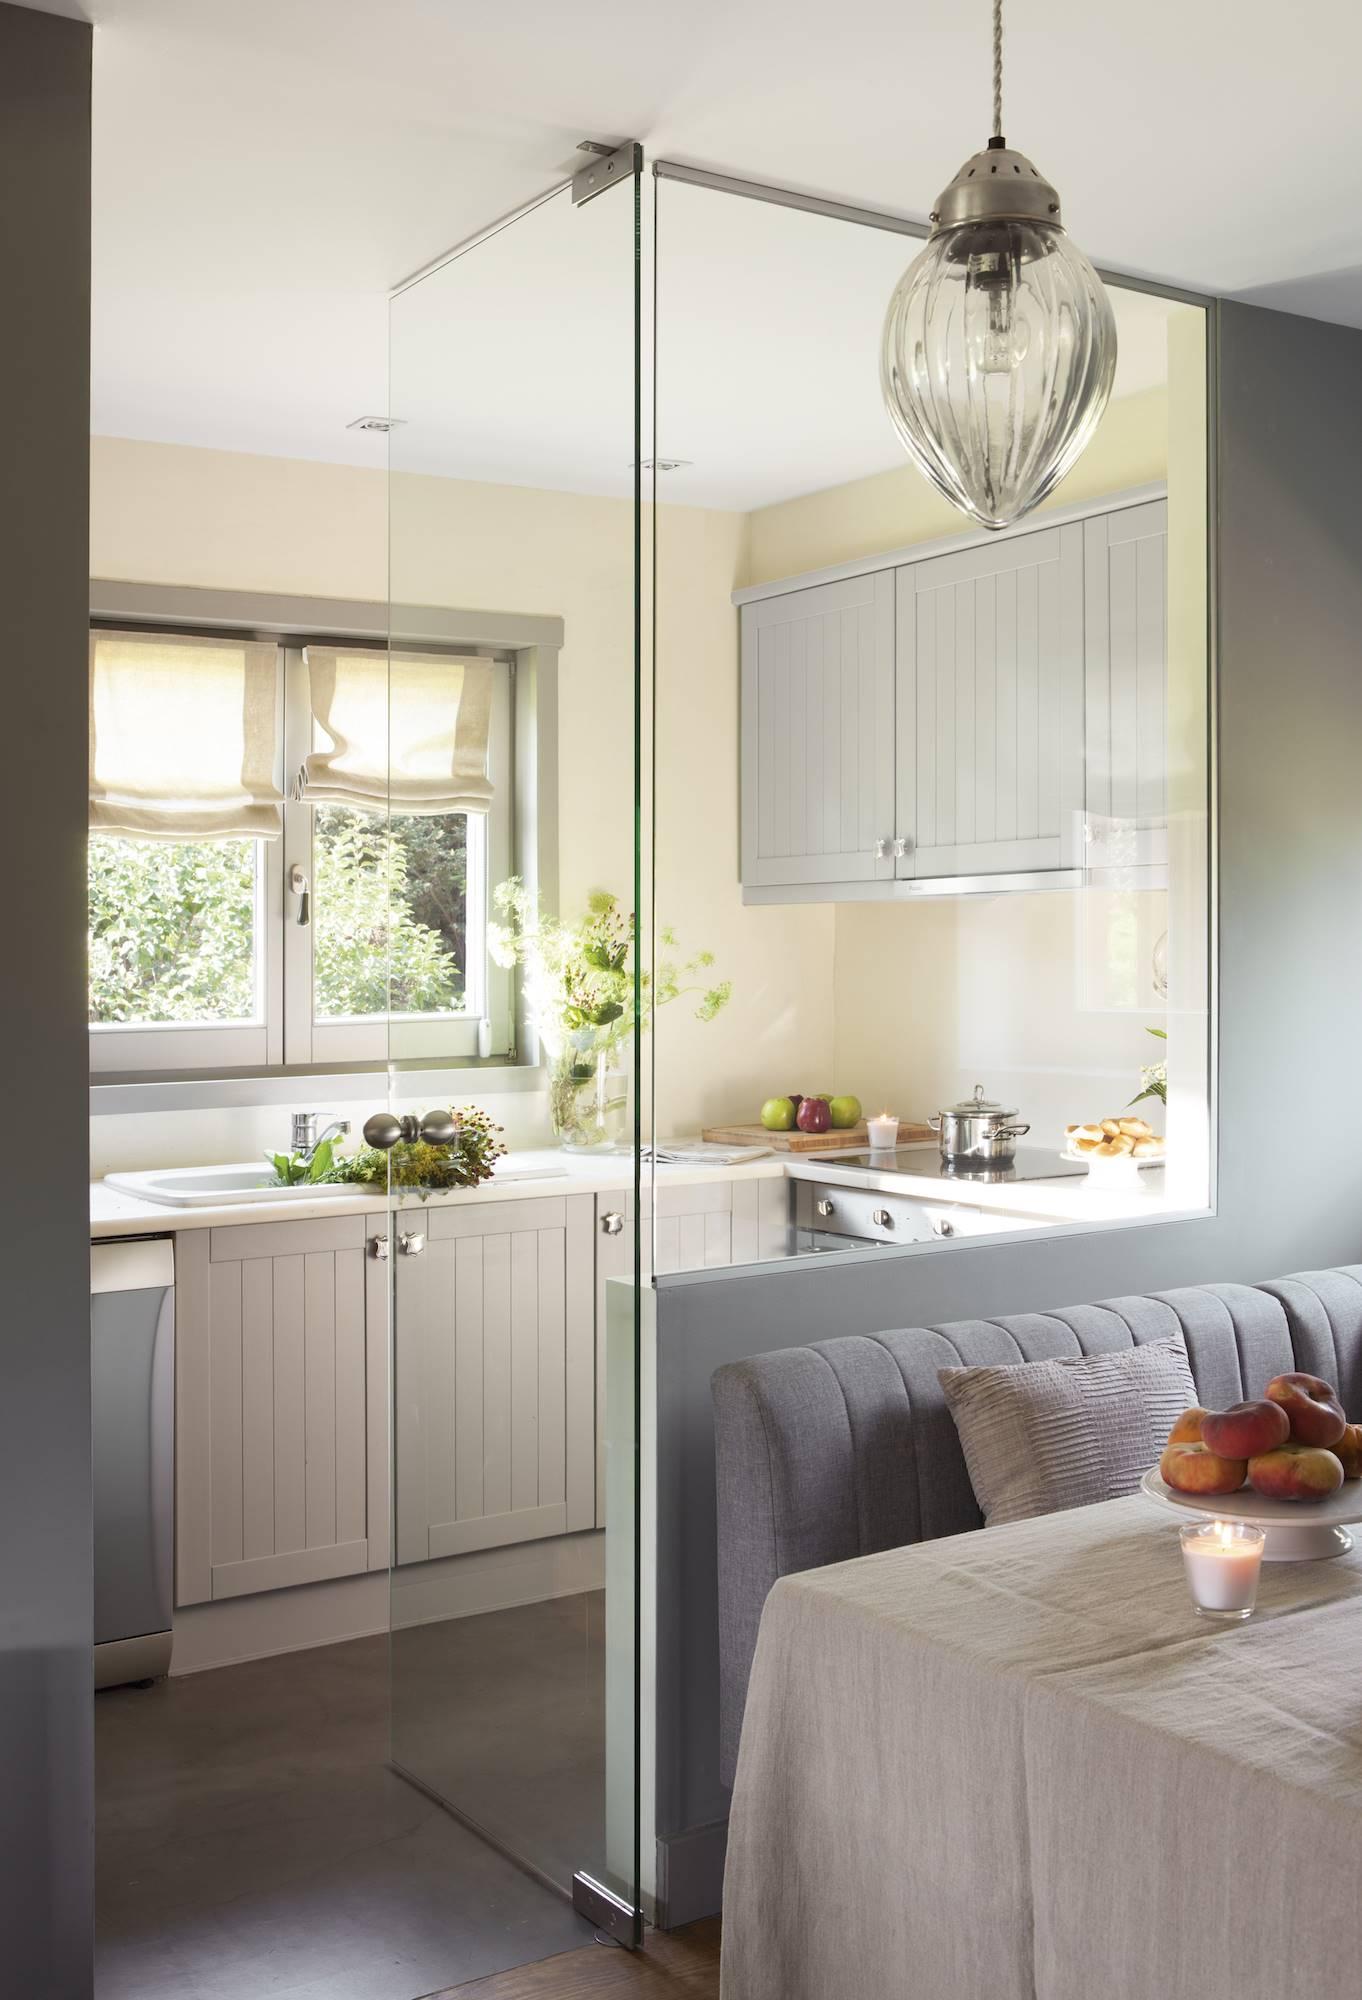 C mo elegir la puerta de la cocina - Cocinas por 2000 euros ...